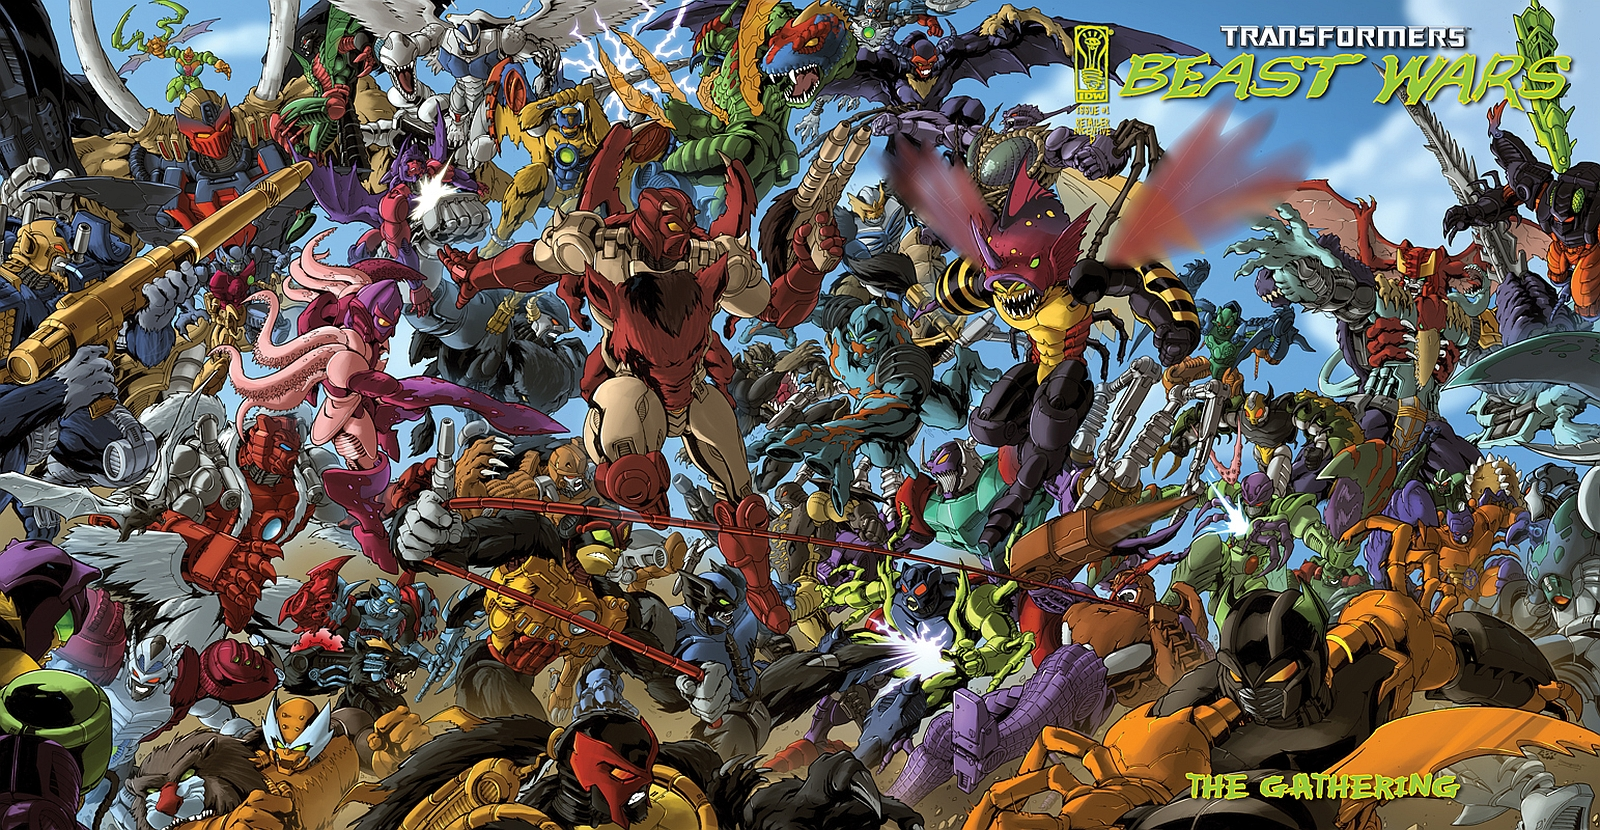 Transformers Beast Wars Computer Wallpapers Desktop Backgrounds 1600x830